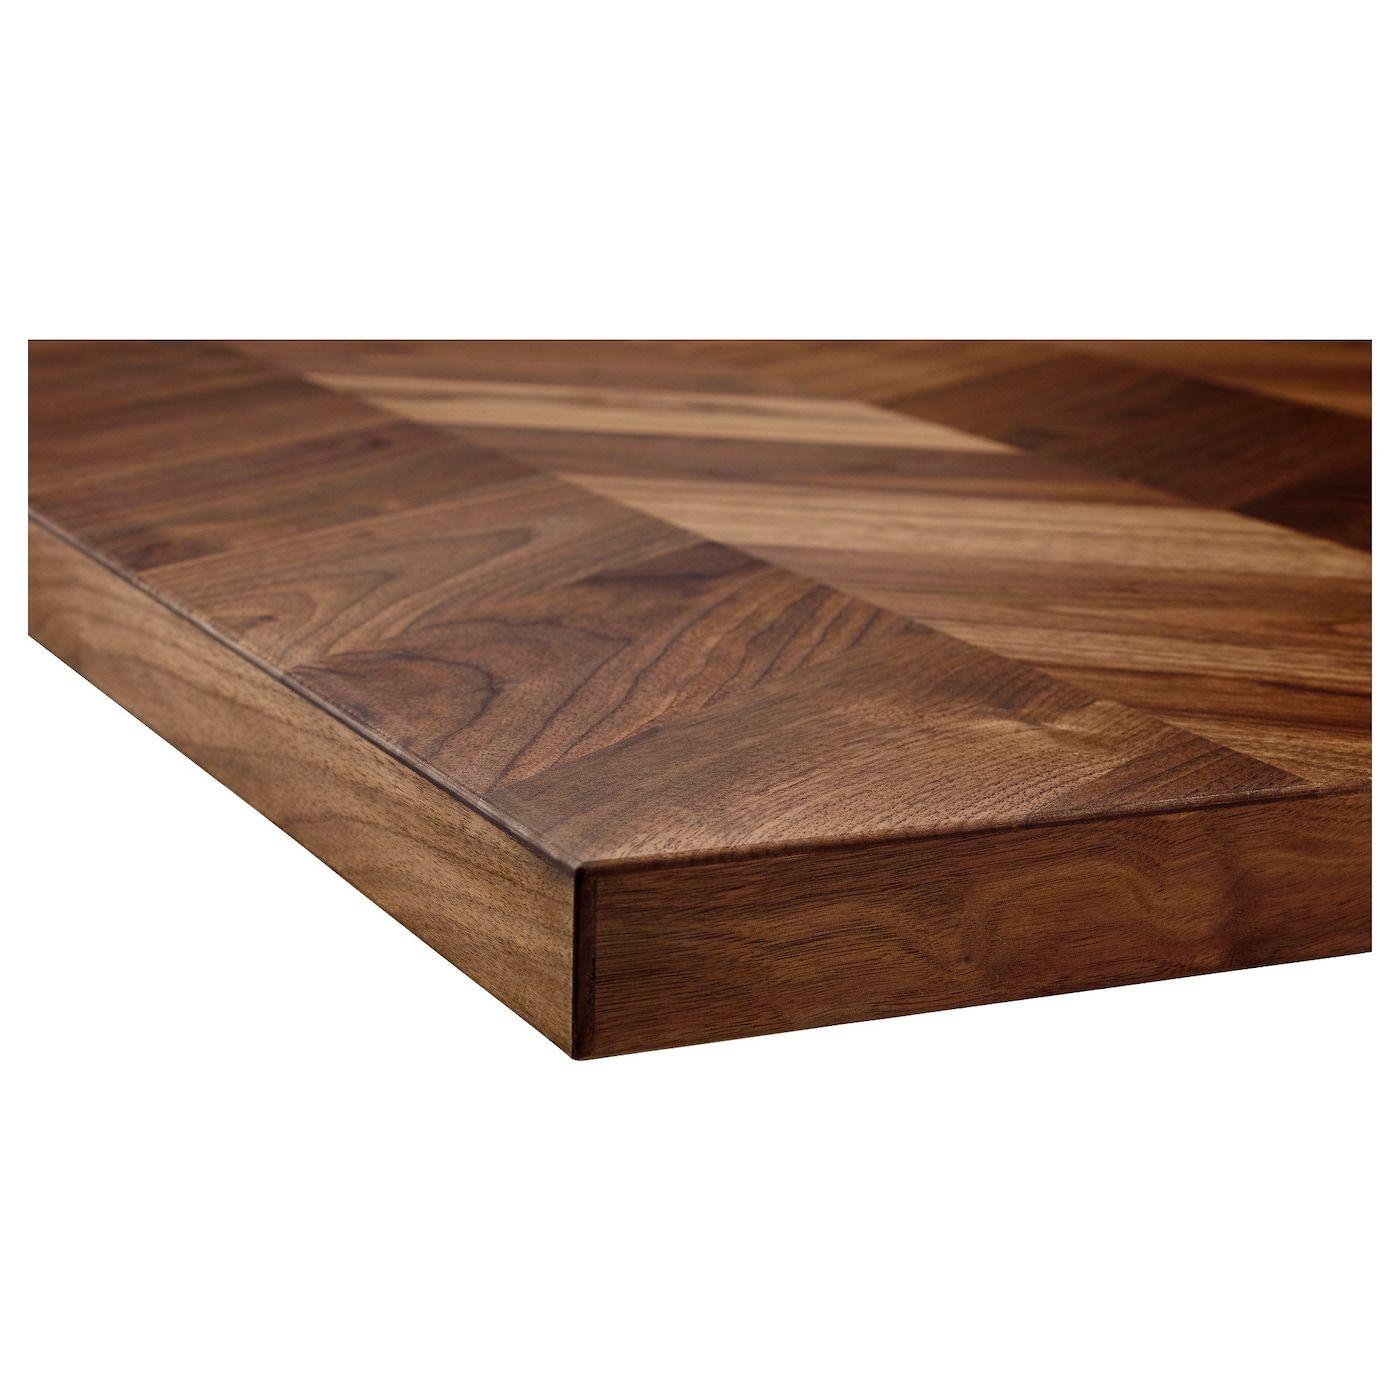 Countertop Walnut Veneer 98x1 1 2 In 2020 Countertops Wood